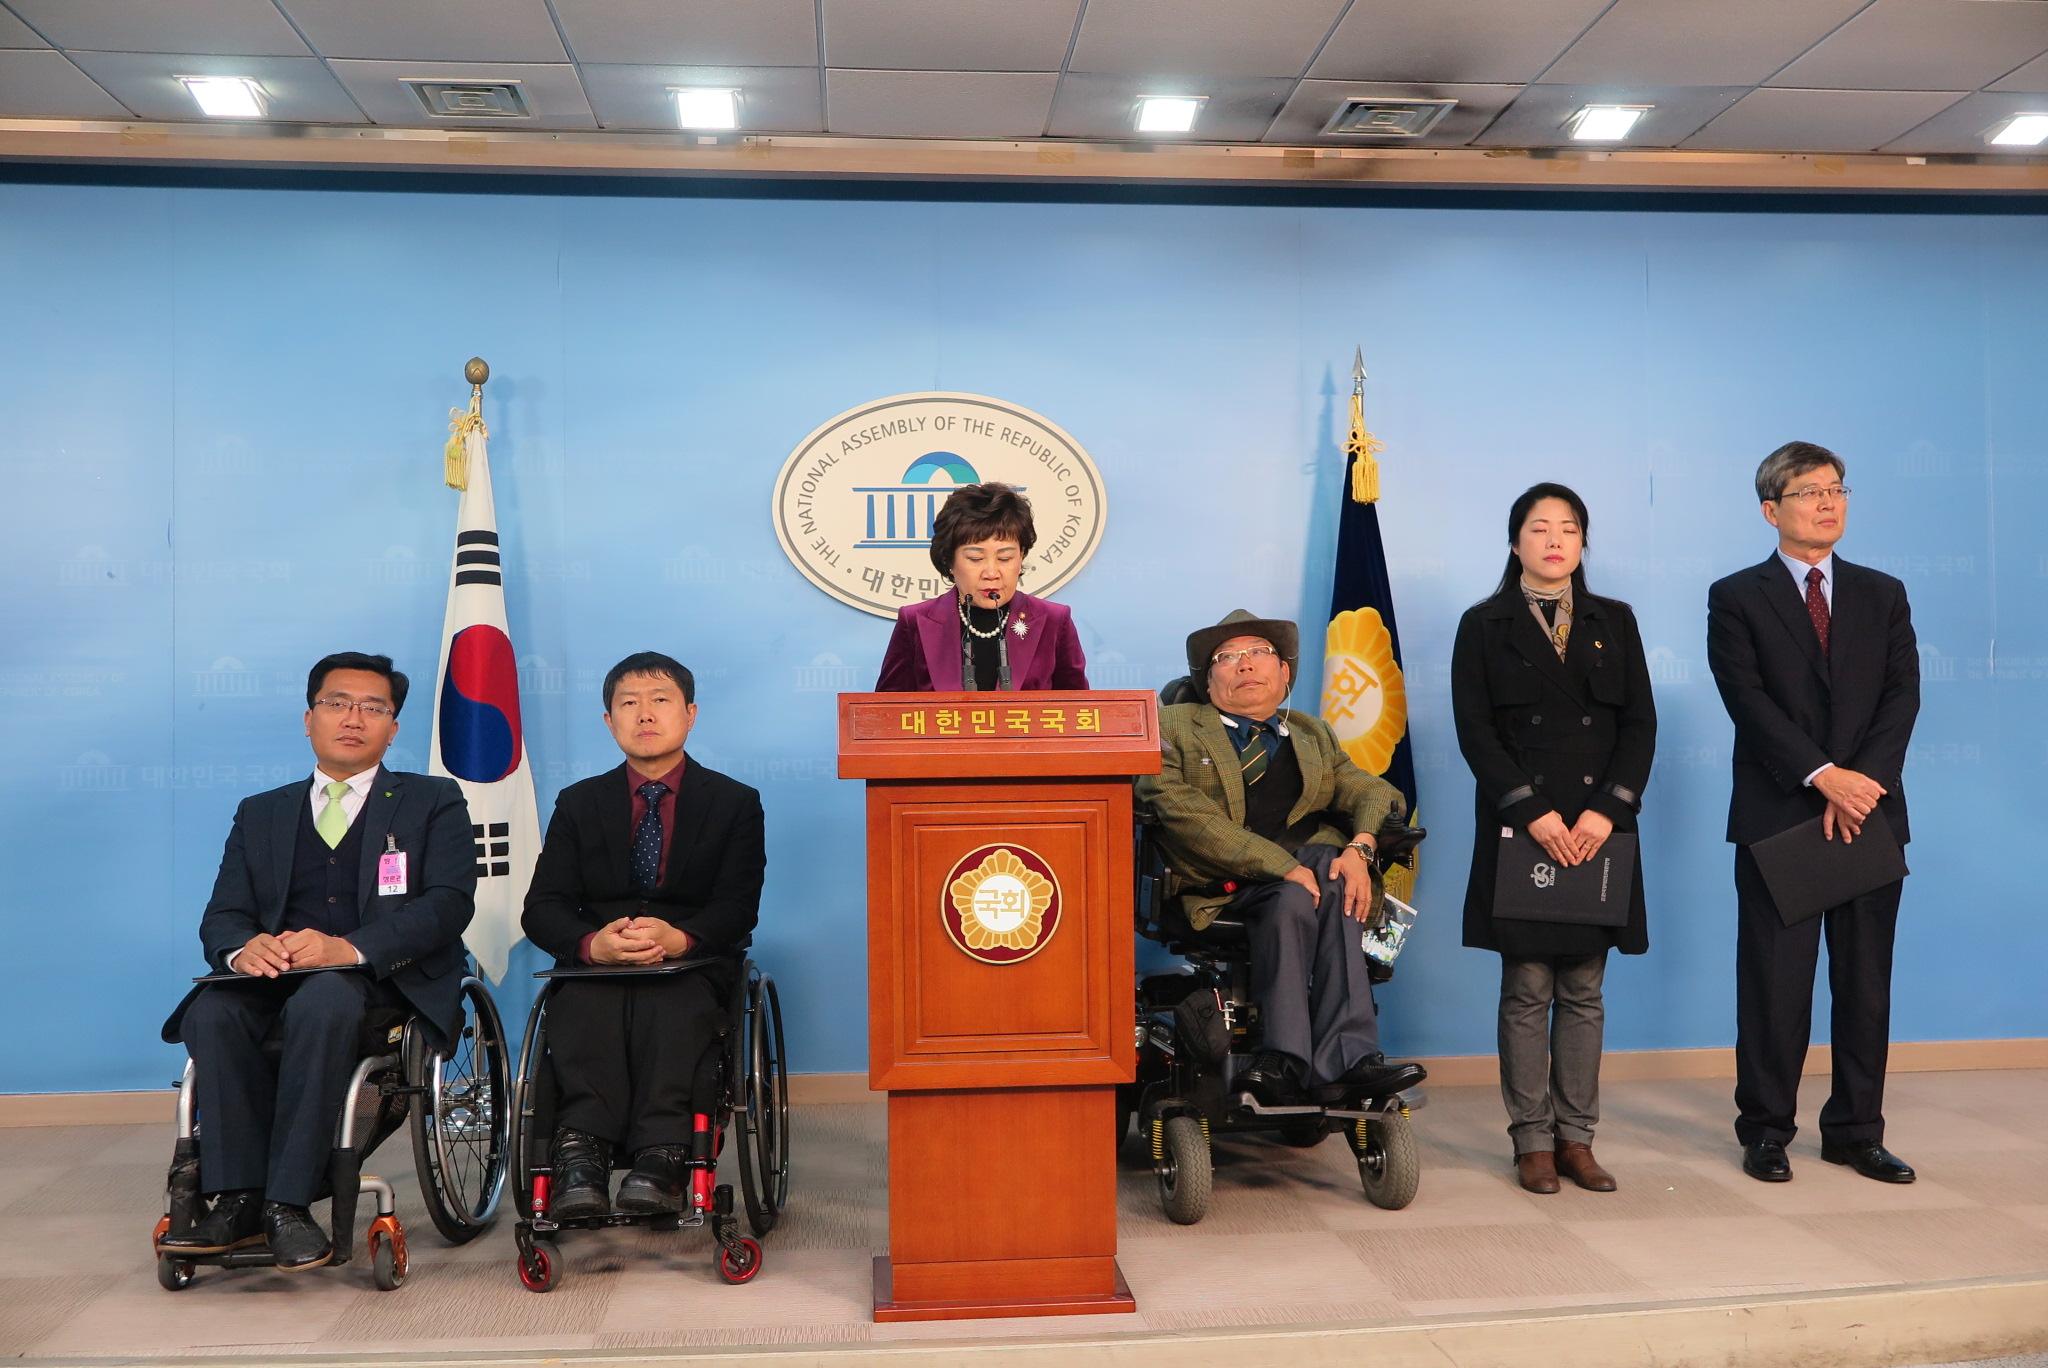 2017년도 전국 시·도별 장애인 복지・교육 비교조사 결과 발표